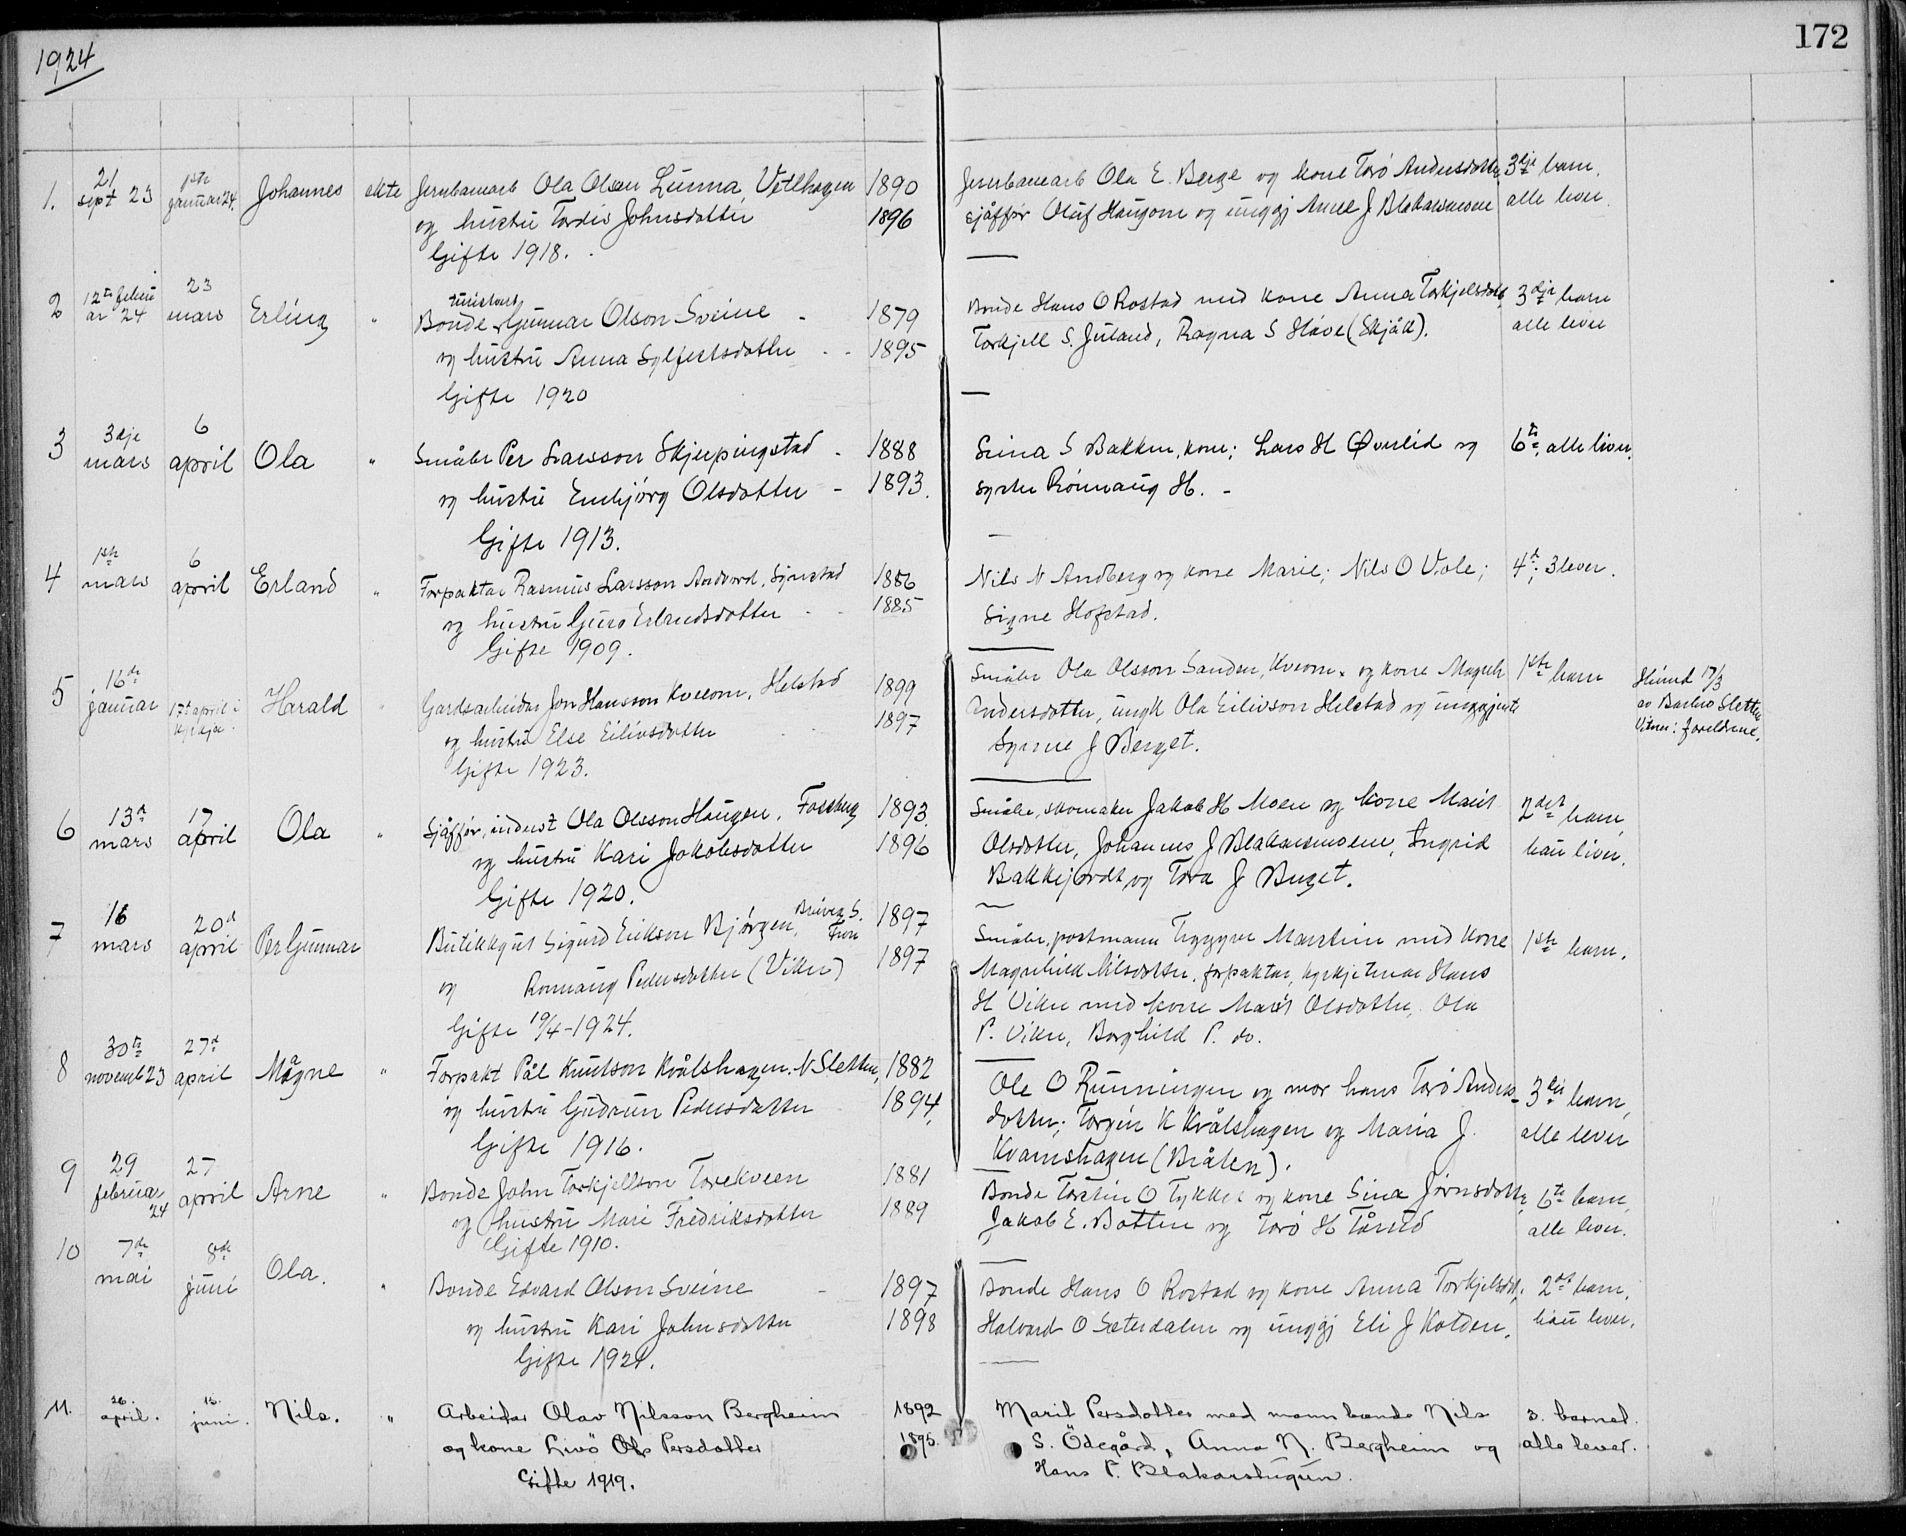 SAH, Lom prestekontor, L/L0013: Klokkerbok nr. 13, 1874-1938, s. 172